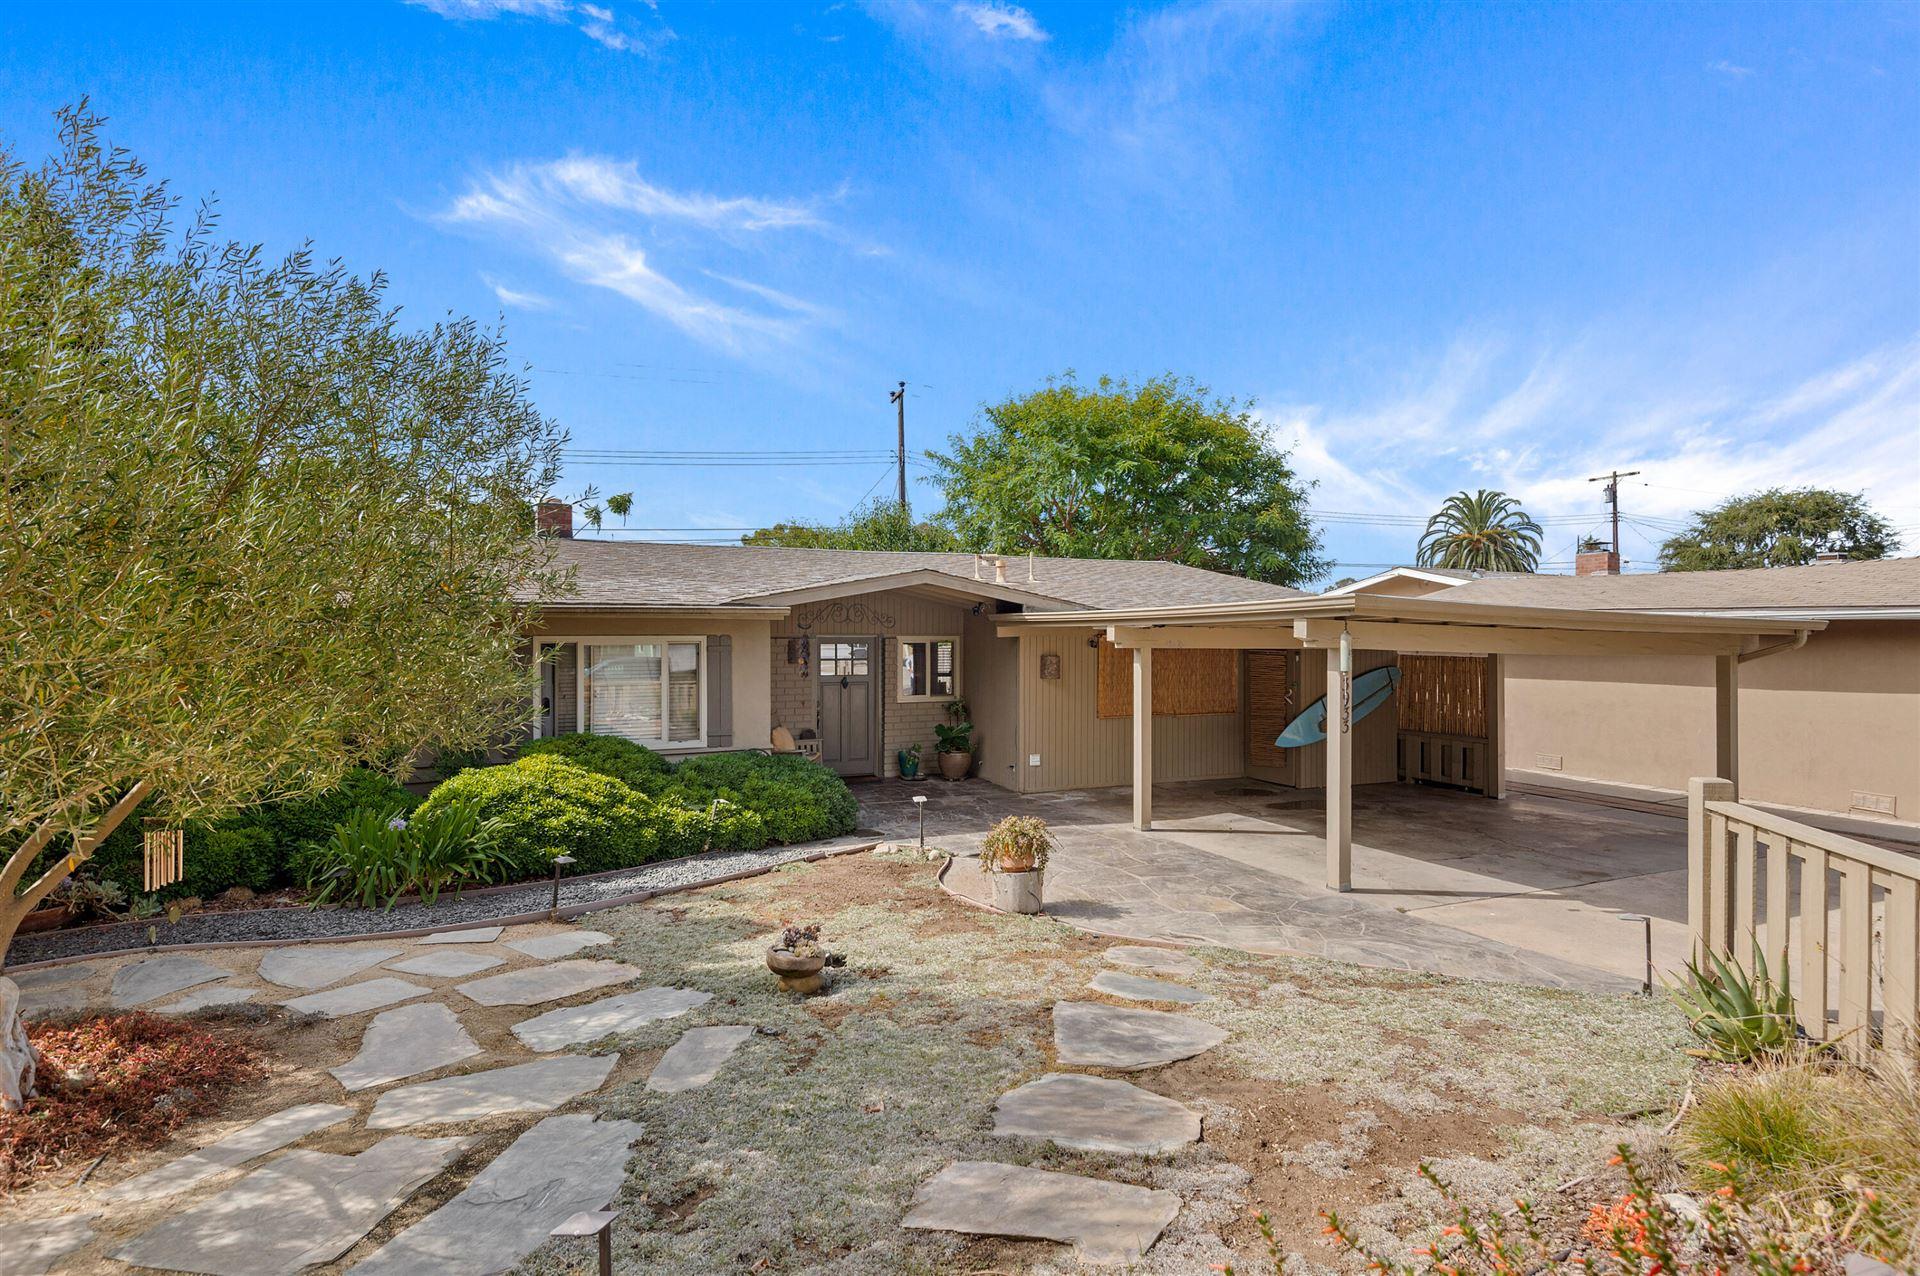 3933 Camellia Ln, Santa Barbara, CA 93110 - MLS#: 21-3466